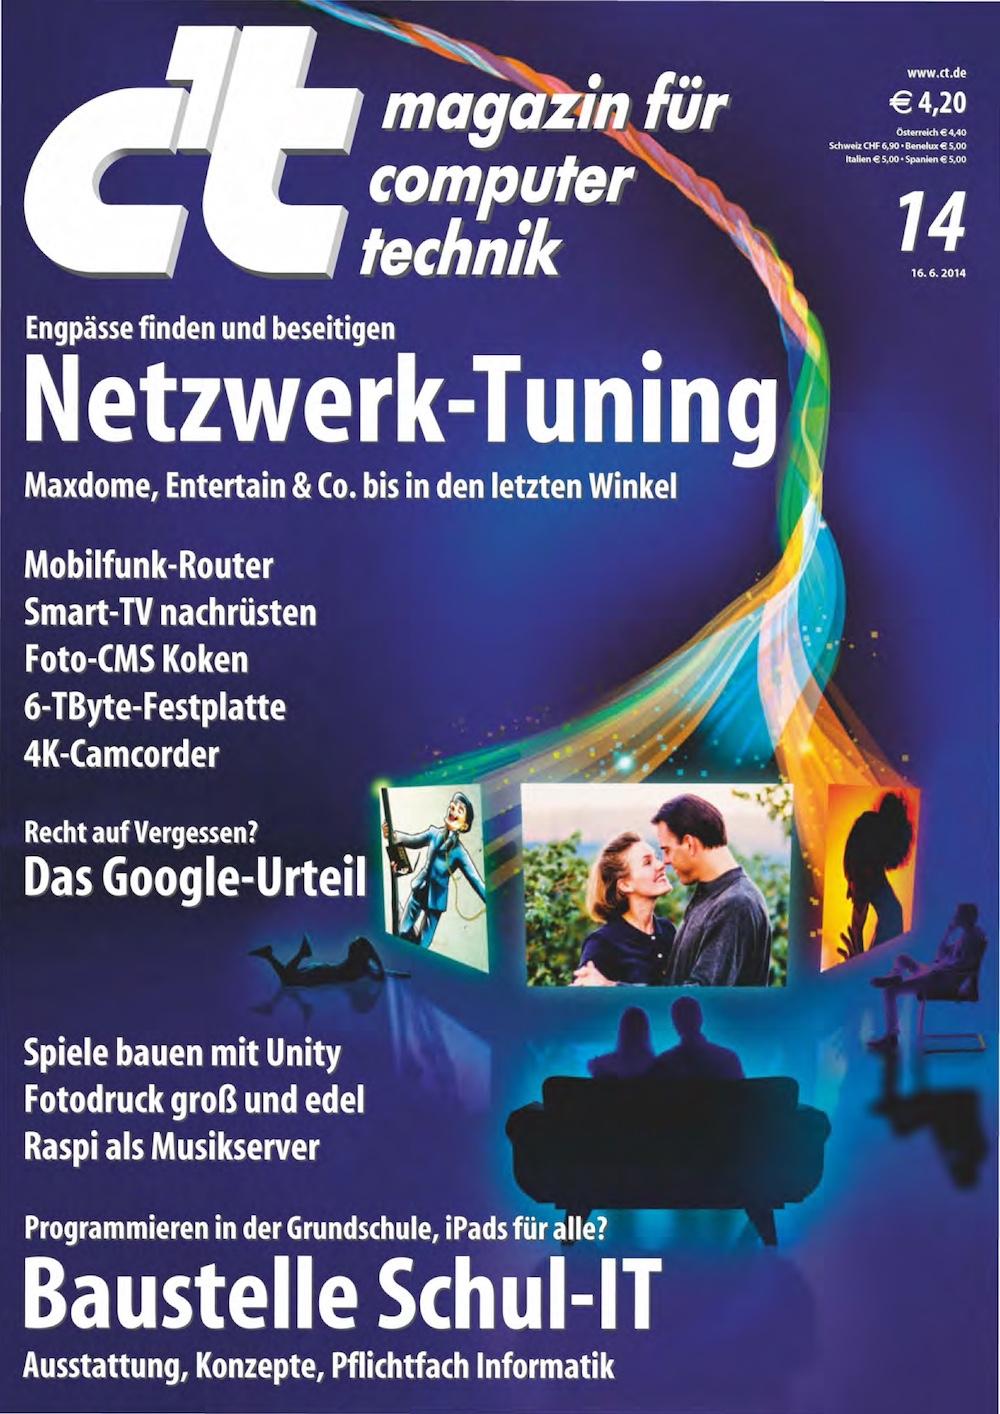 c't Magazin 2014-14